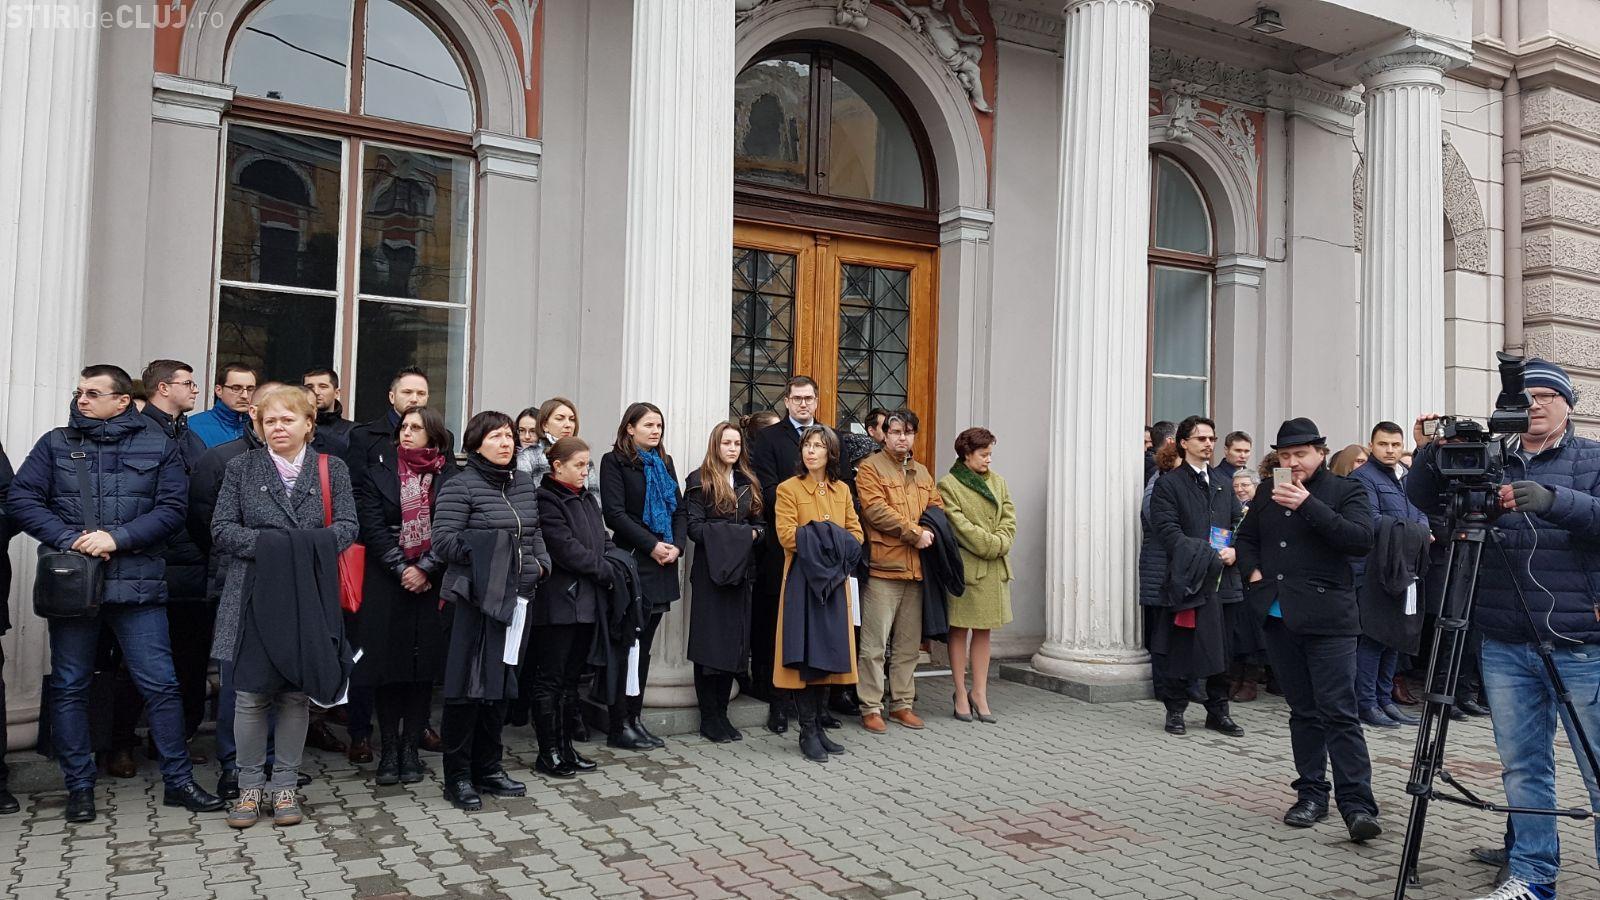 Procurorii și judecătorii clujeni au ieșit în stradă. Protestează împotriva legilor Justiției FOTO/VIDEO